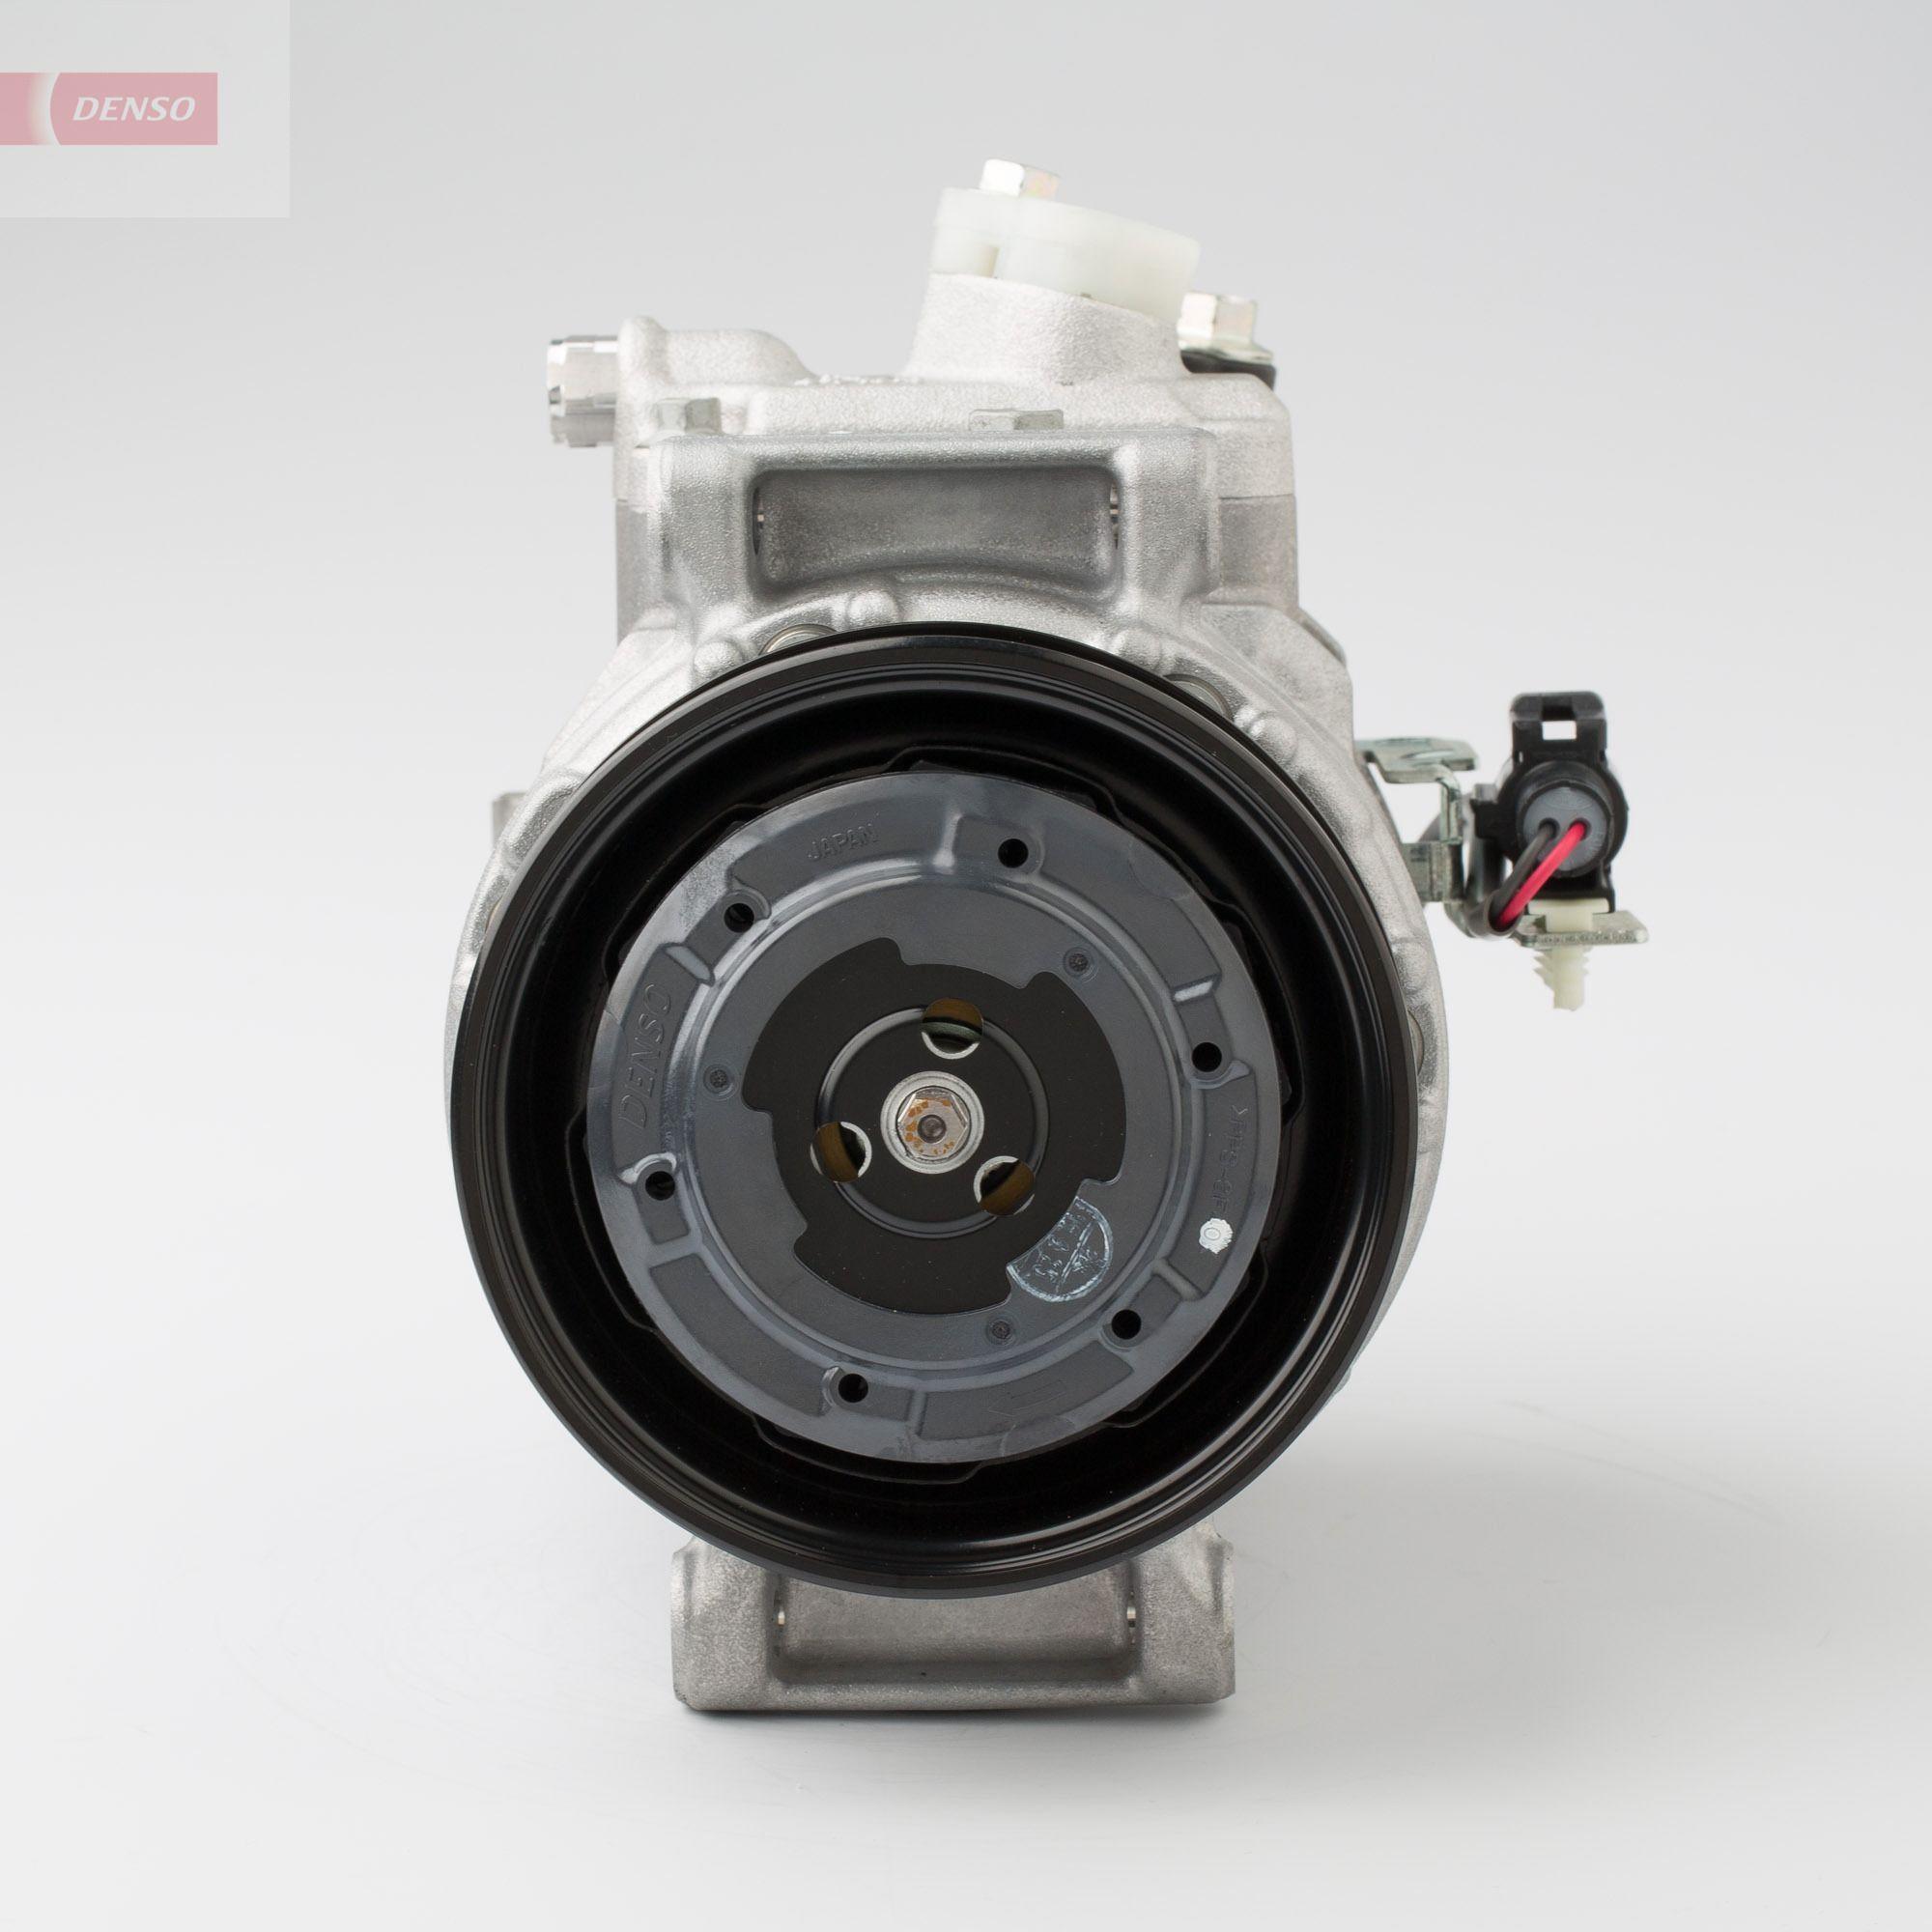 DCP14013 Kompressor, Klimaanlage DENSO DCP14013 - Große Auswahl - stark reduziert